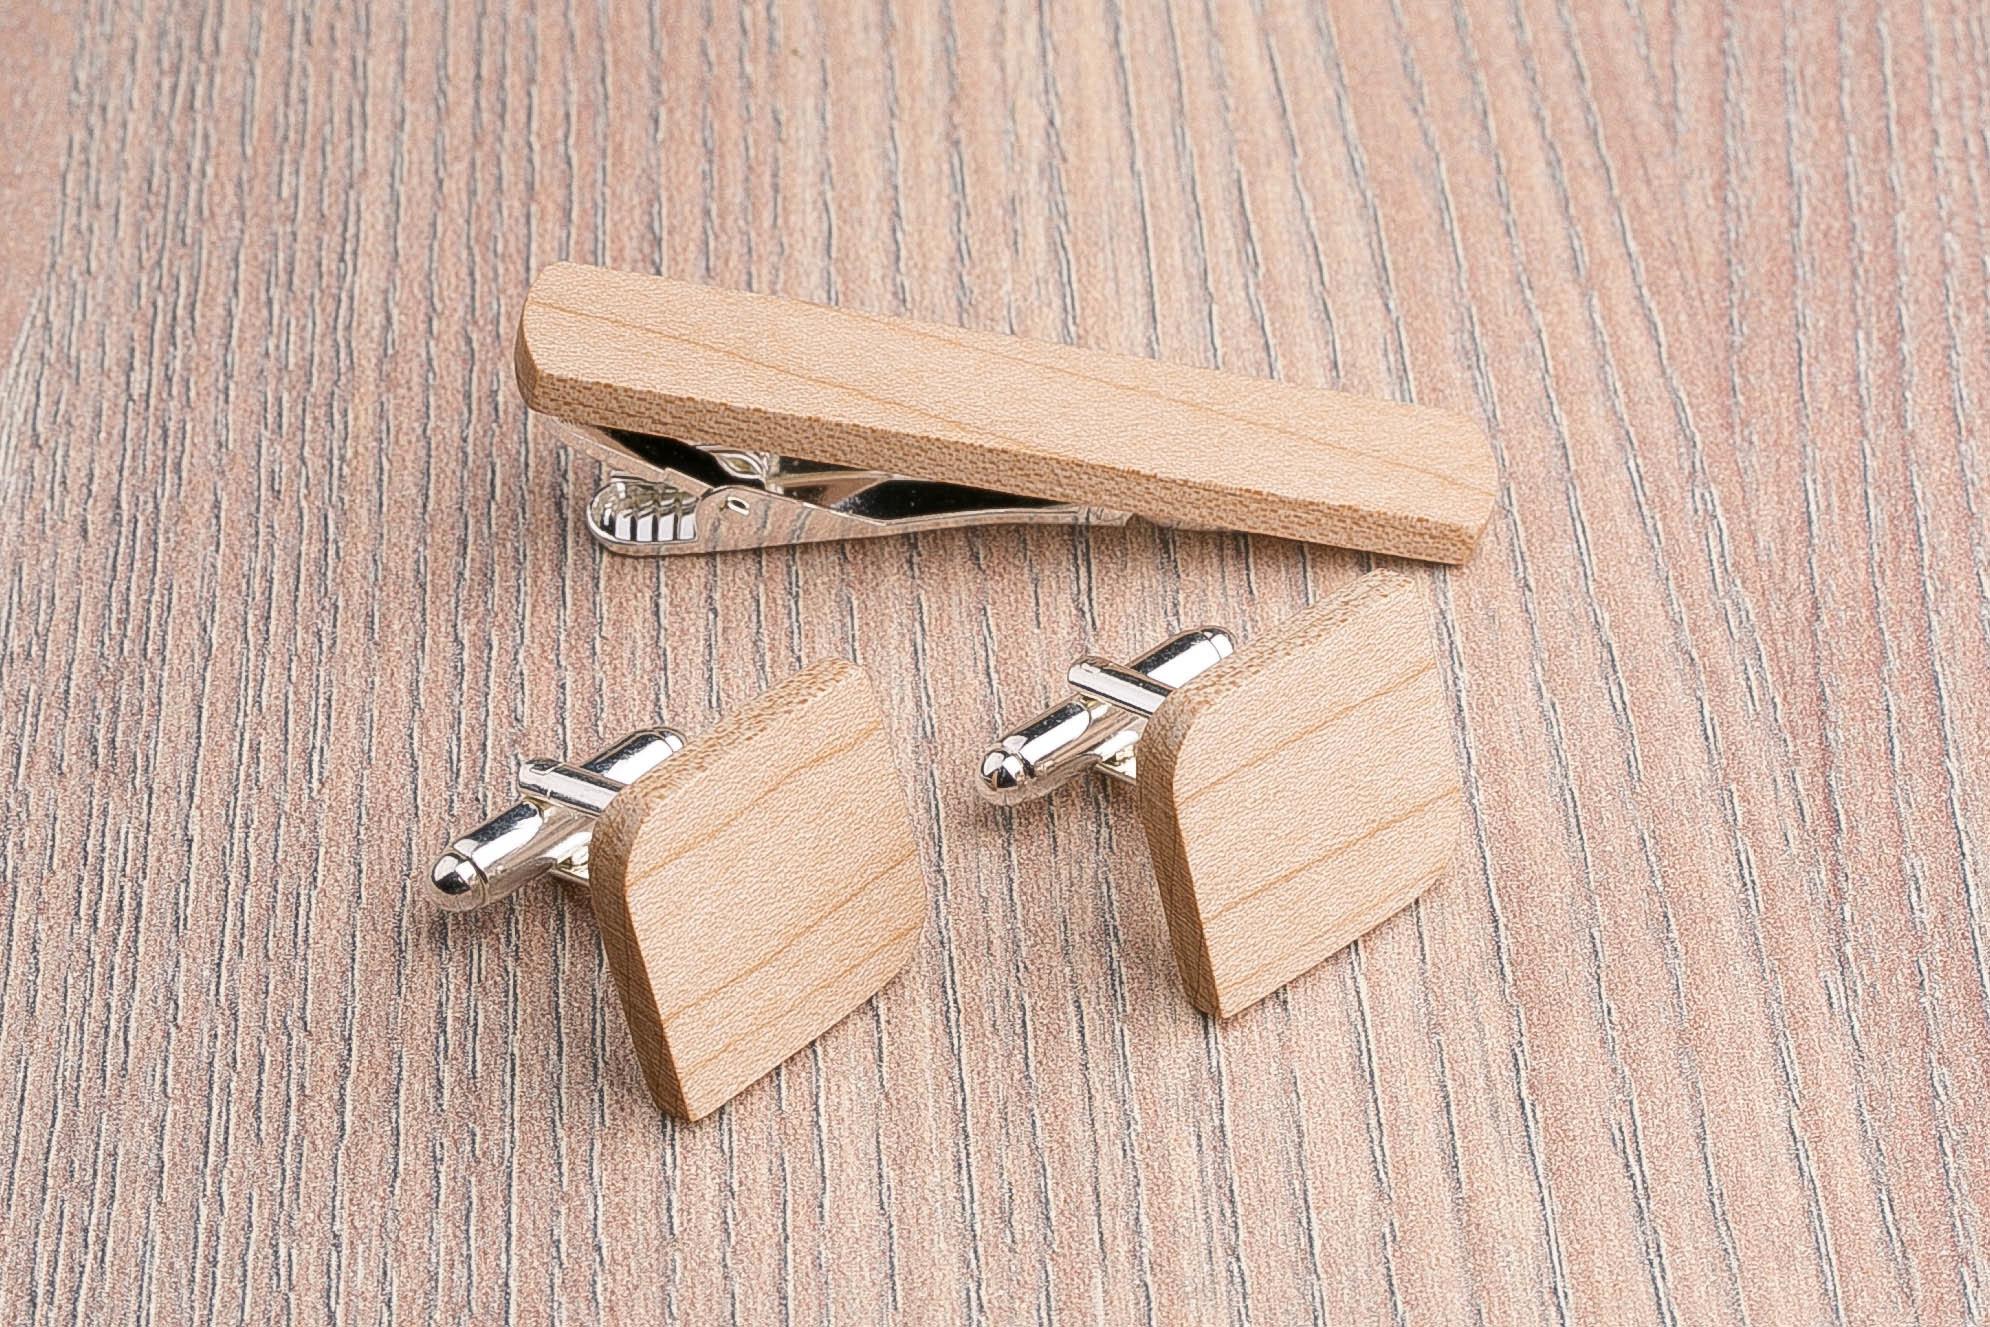 Комплект: Скругленные запонки из дерева и Деревянный зажим для галстука. Массив клена. Гравировка инициалов. Упаковка в комплекте